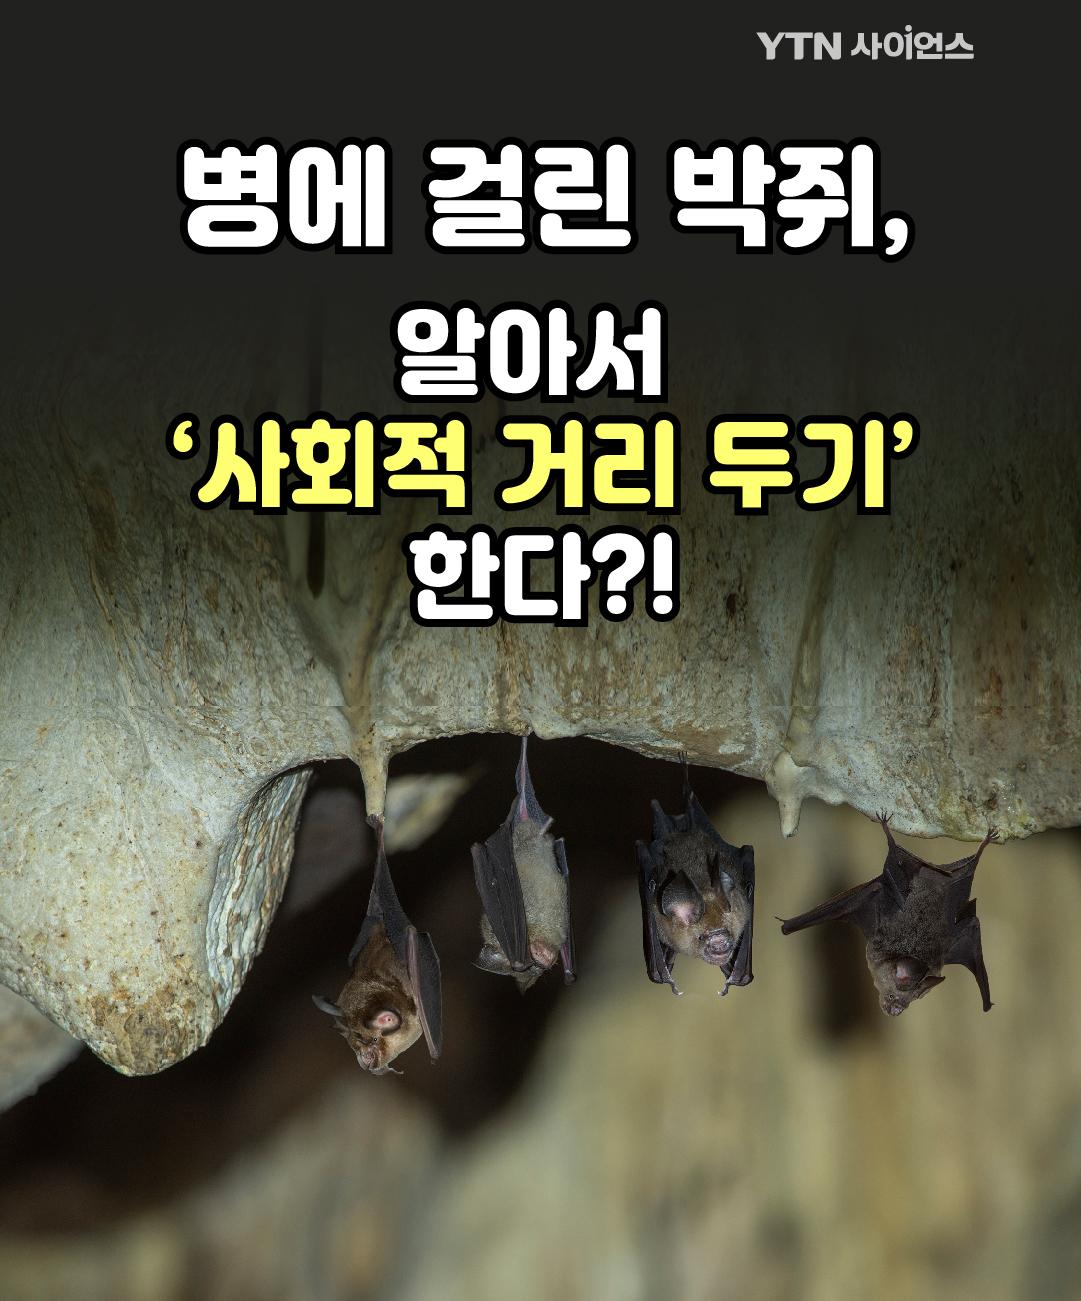 병에 걸린 박쥐, 알아서 '사회적 거리 두기' 한다?! 이미지